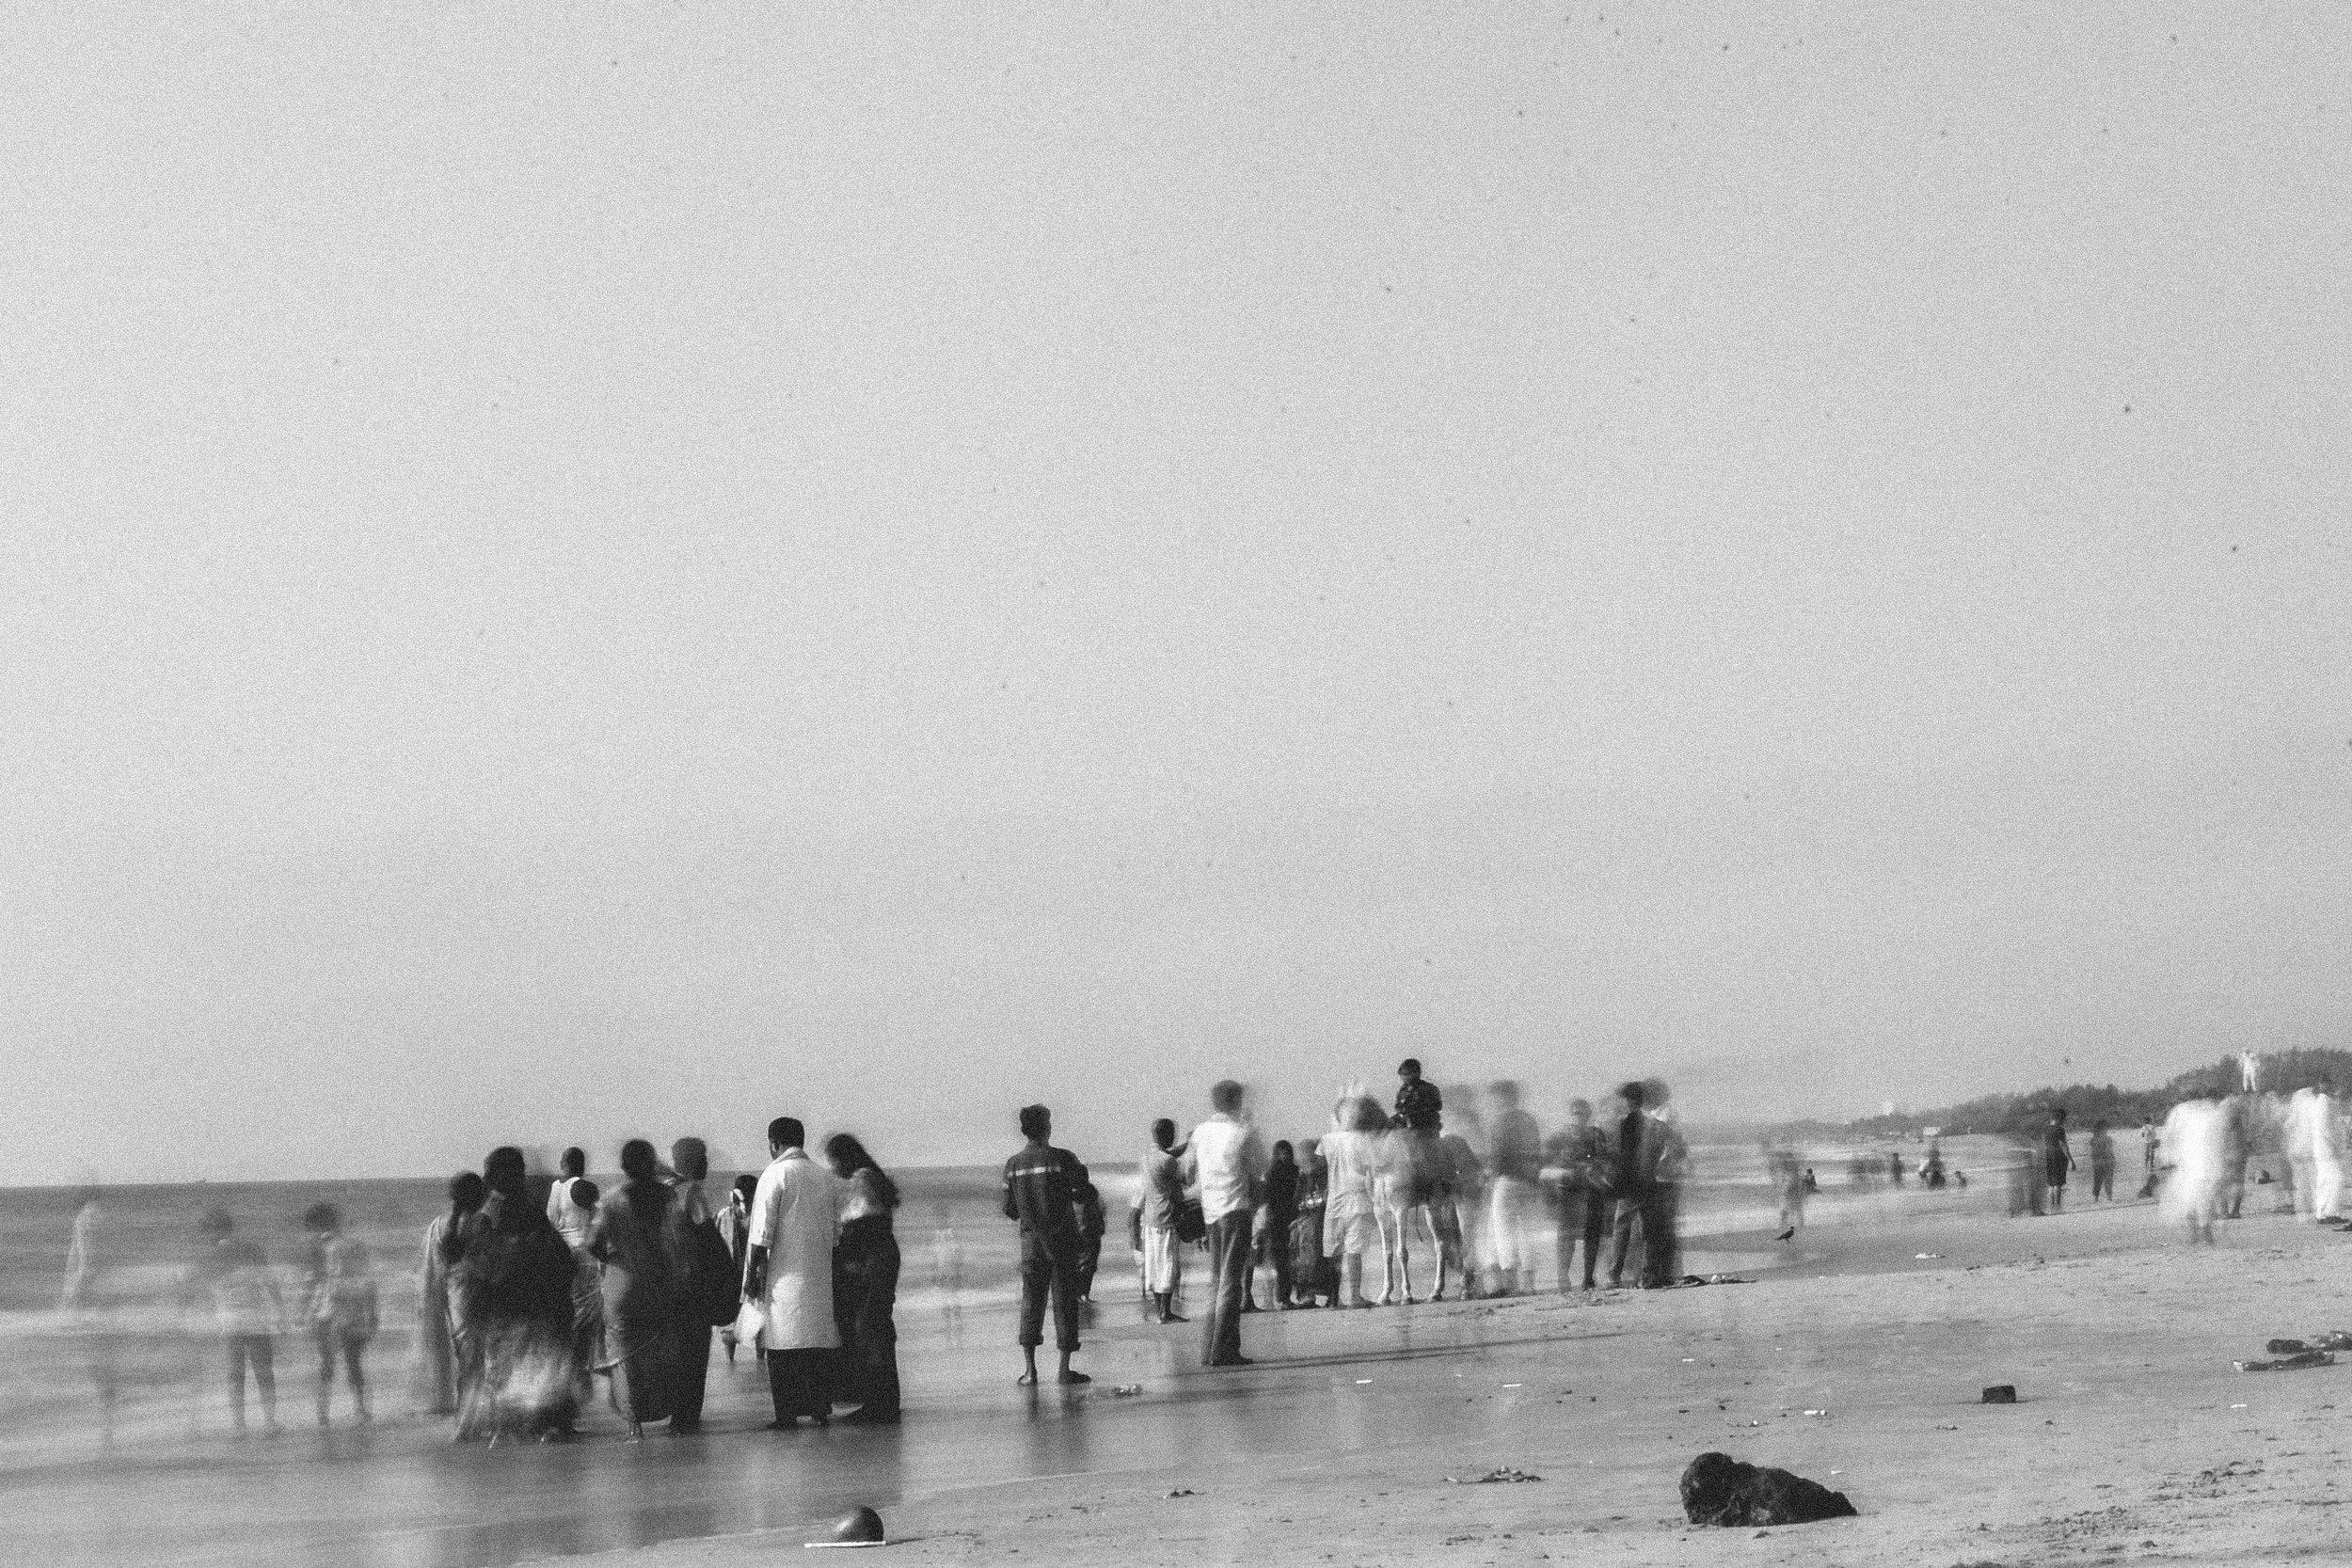 mahabalipuram-long-exposure-2